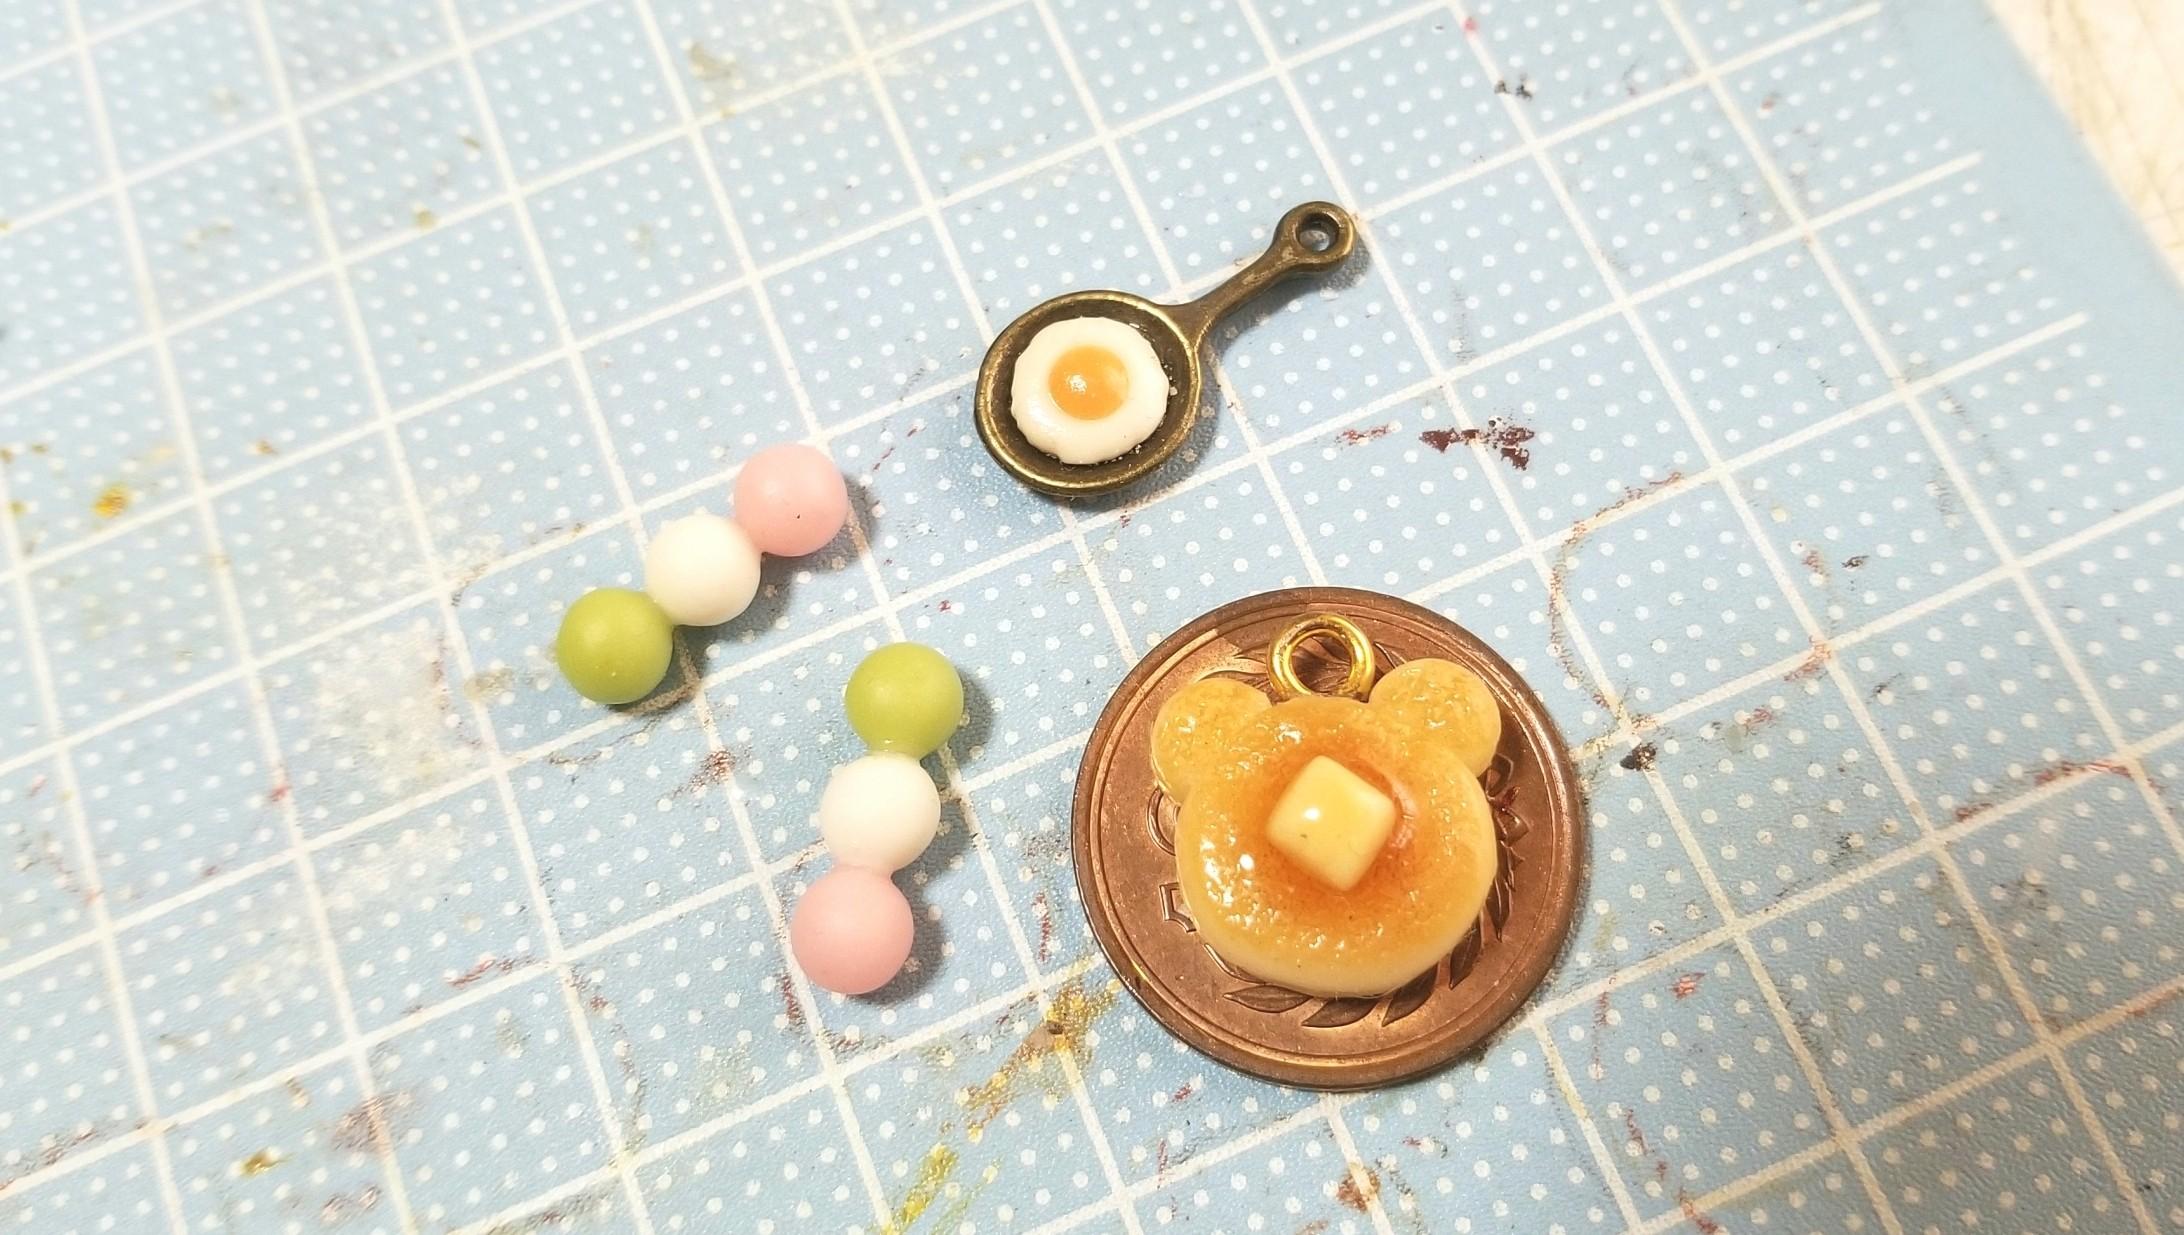 ミニチュアフードの作り方,くまホットケーキ,目玉焼き,お団子,粘土